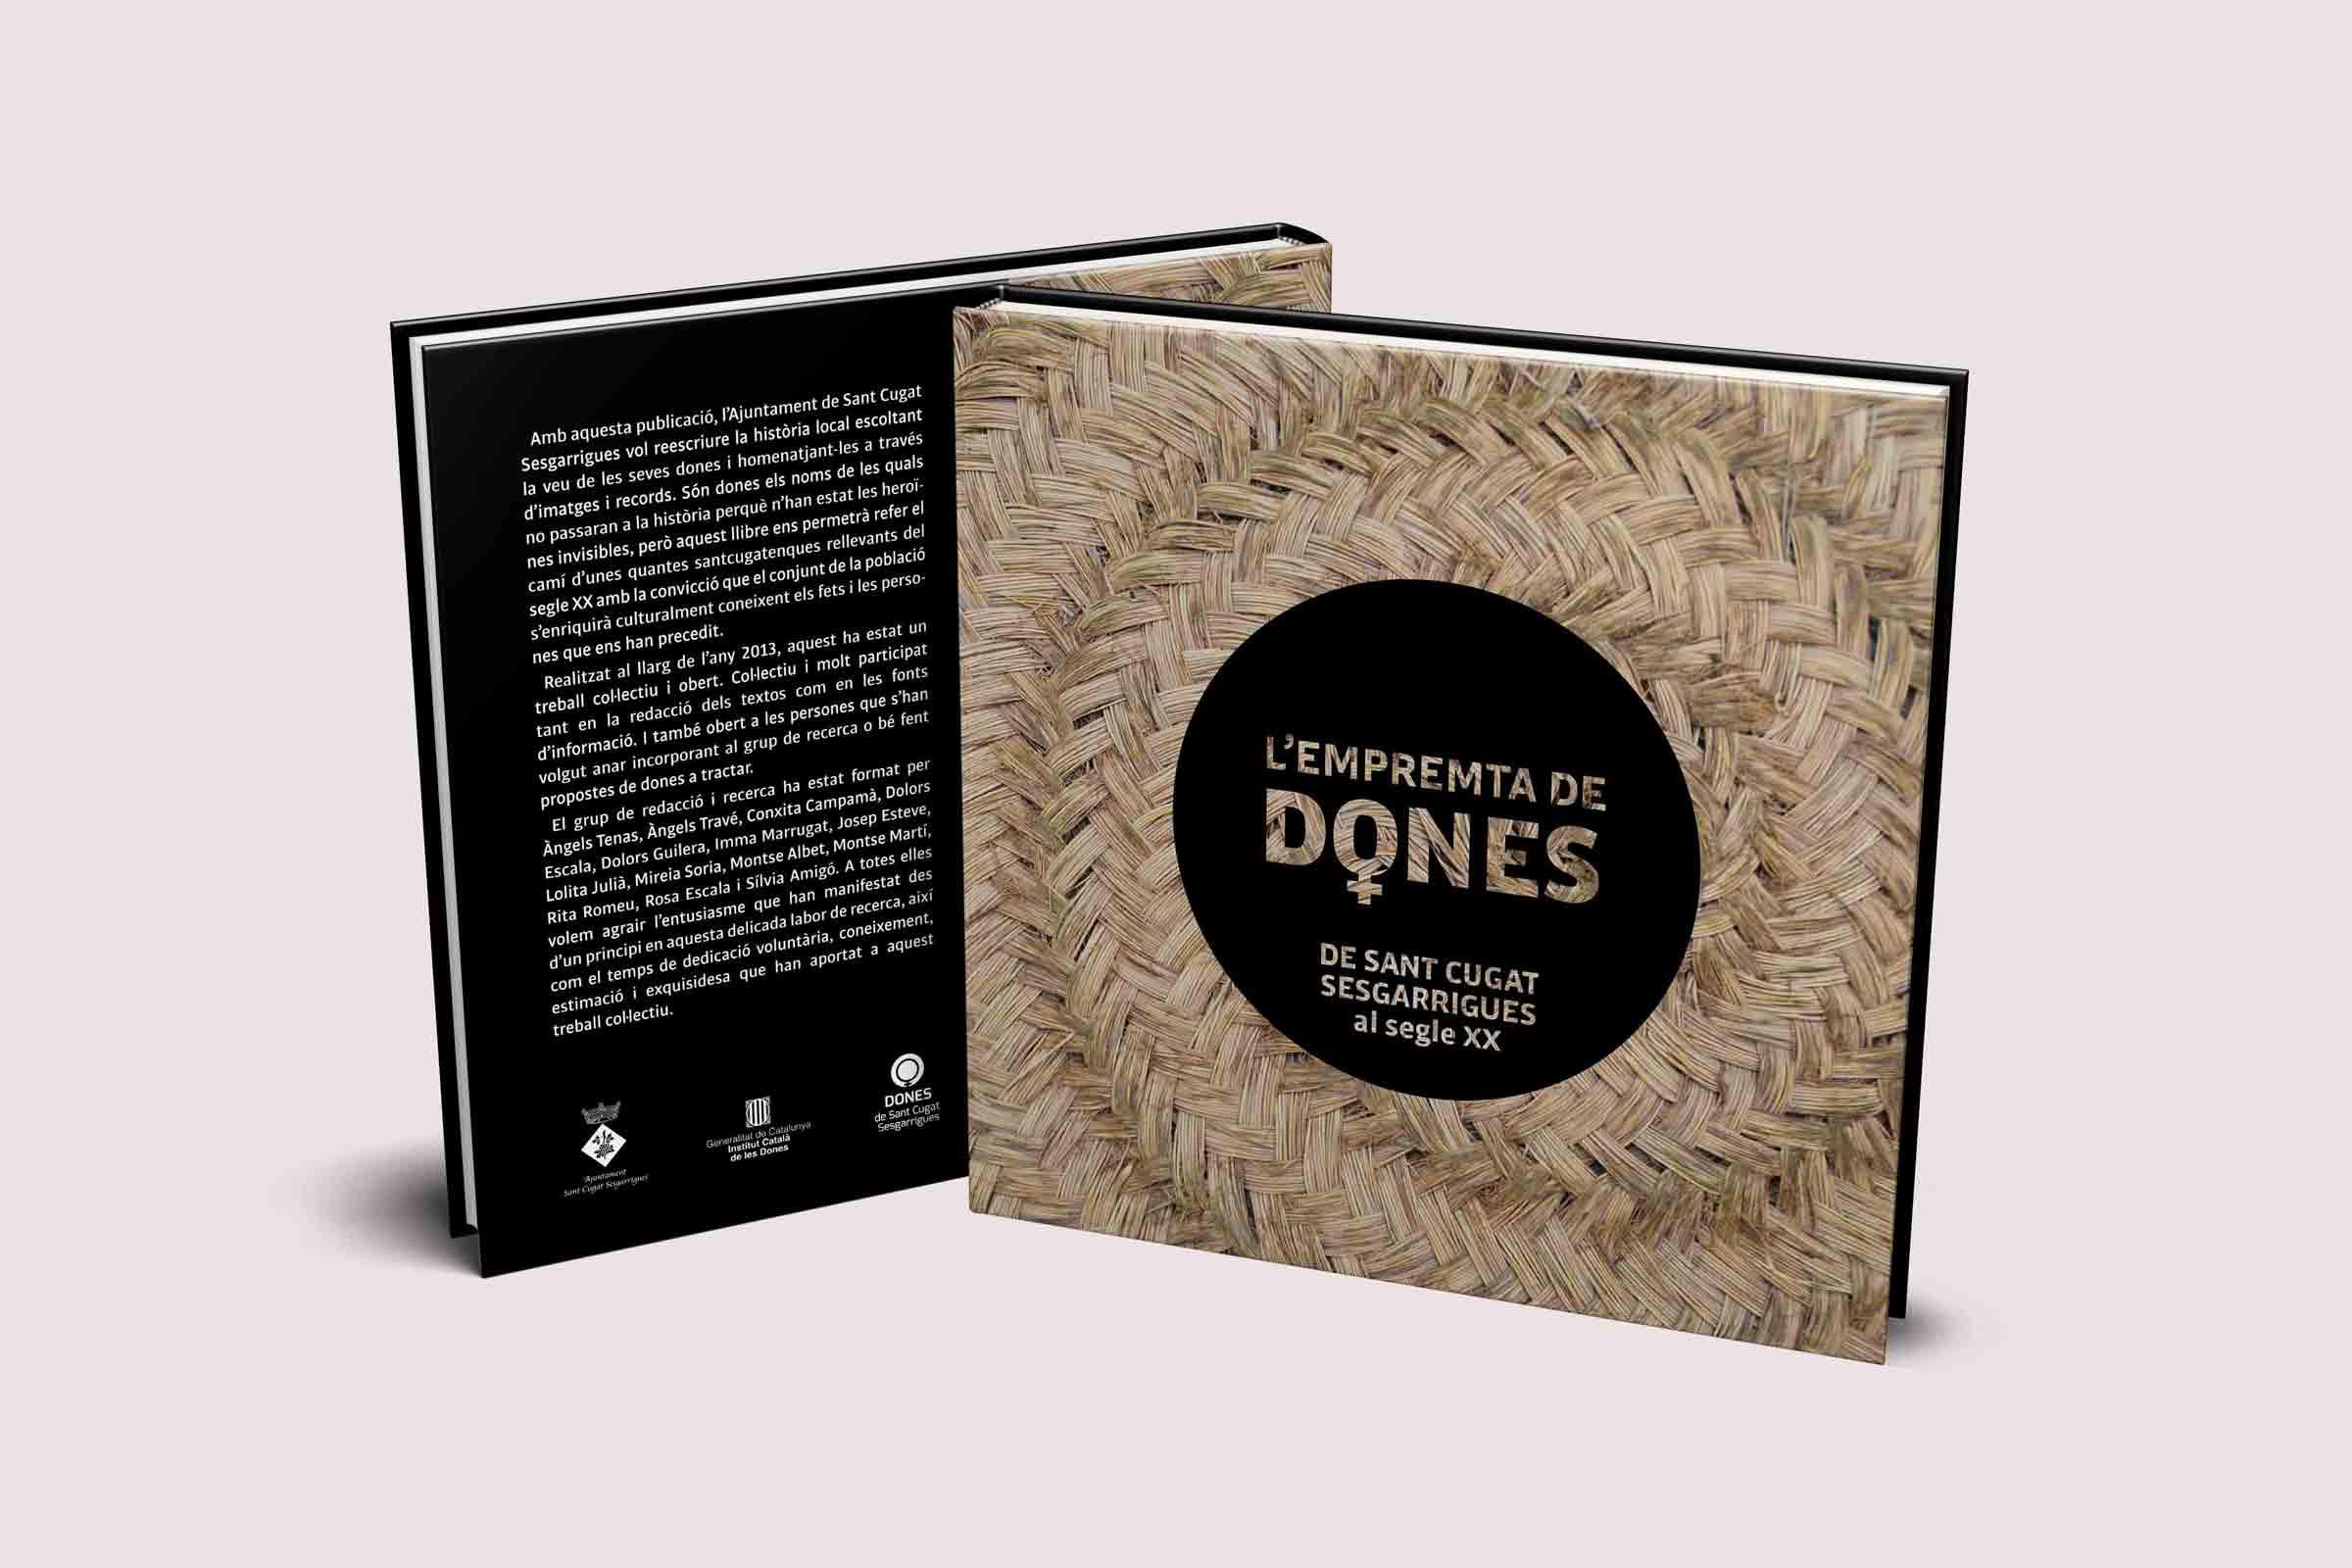 Disseny Llibre L Empremta de Dones Disculpi Studio Angels Pinyol Books Design - L'EMPREMTA DE DONES - Maquetació i disseny del llibre sobre Sant Cugat Sesgarrigues, Penedès